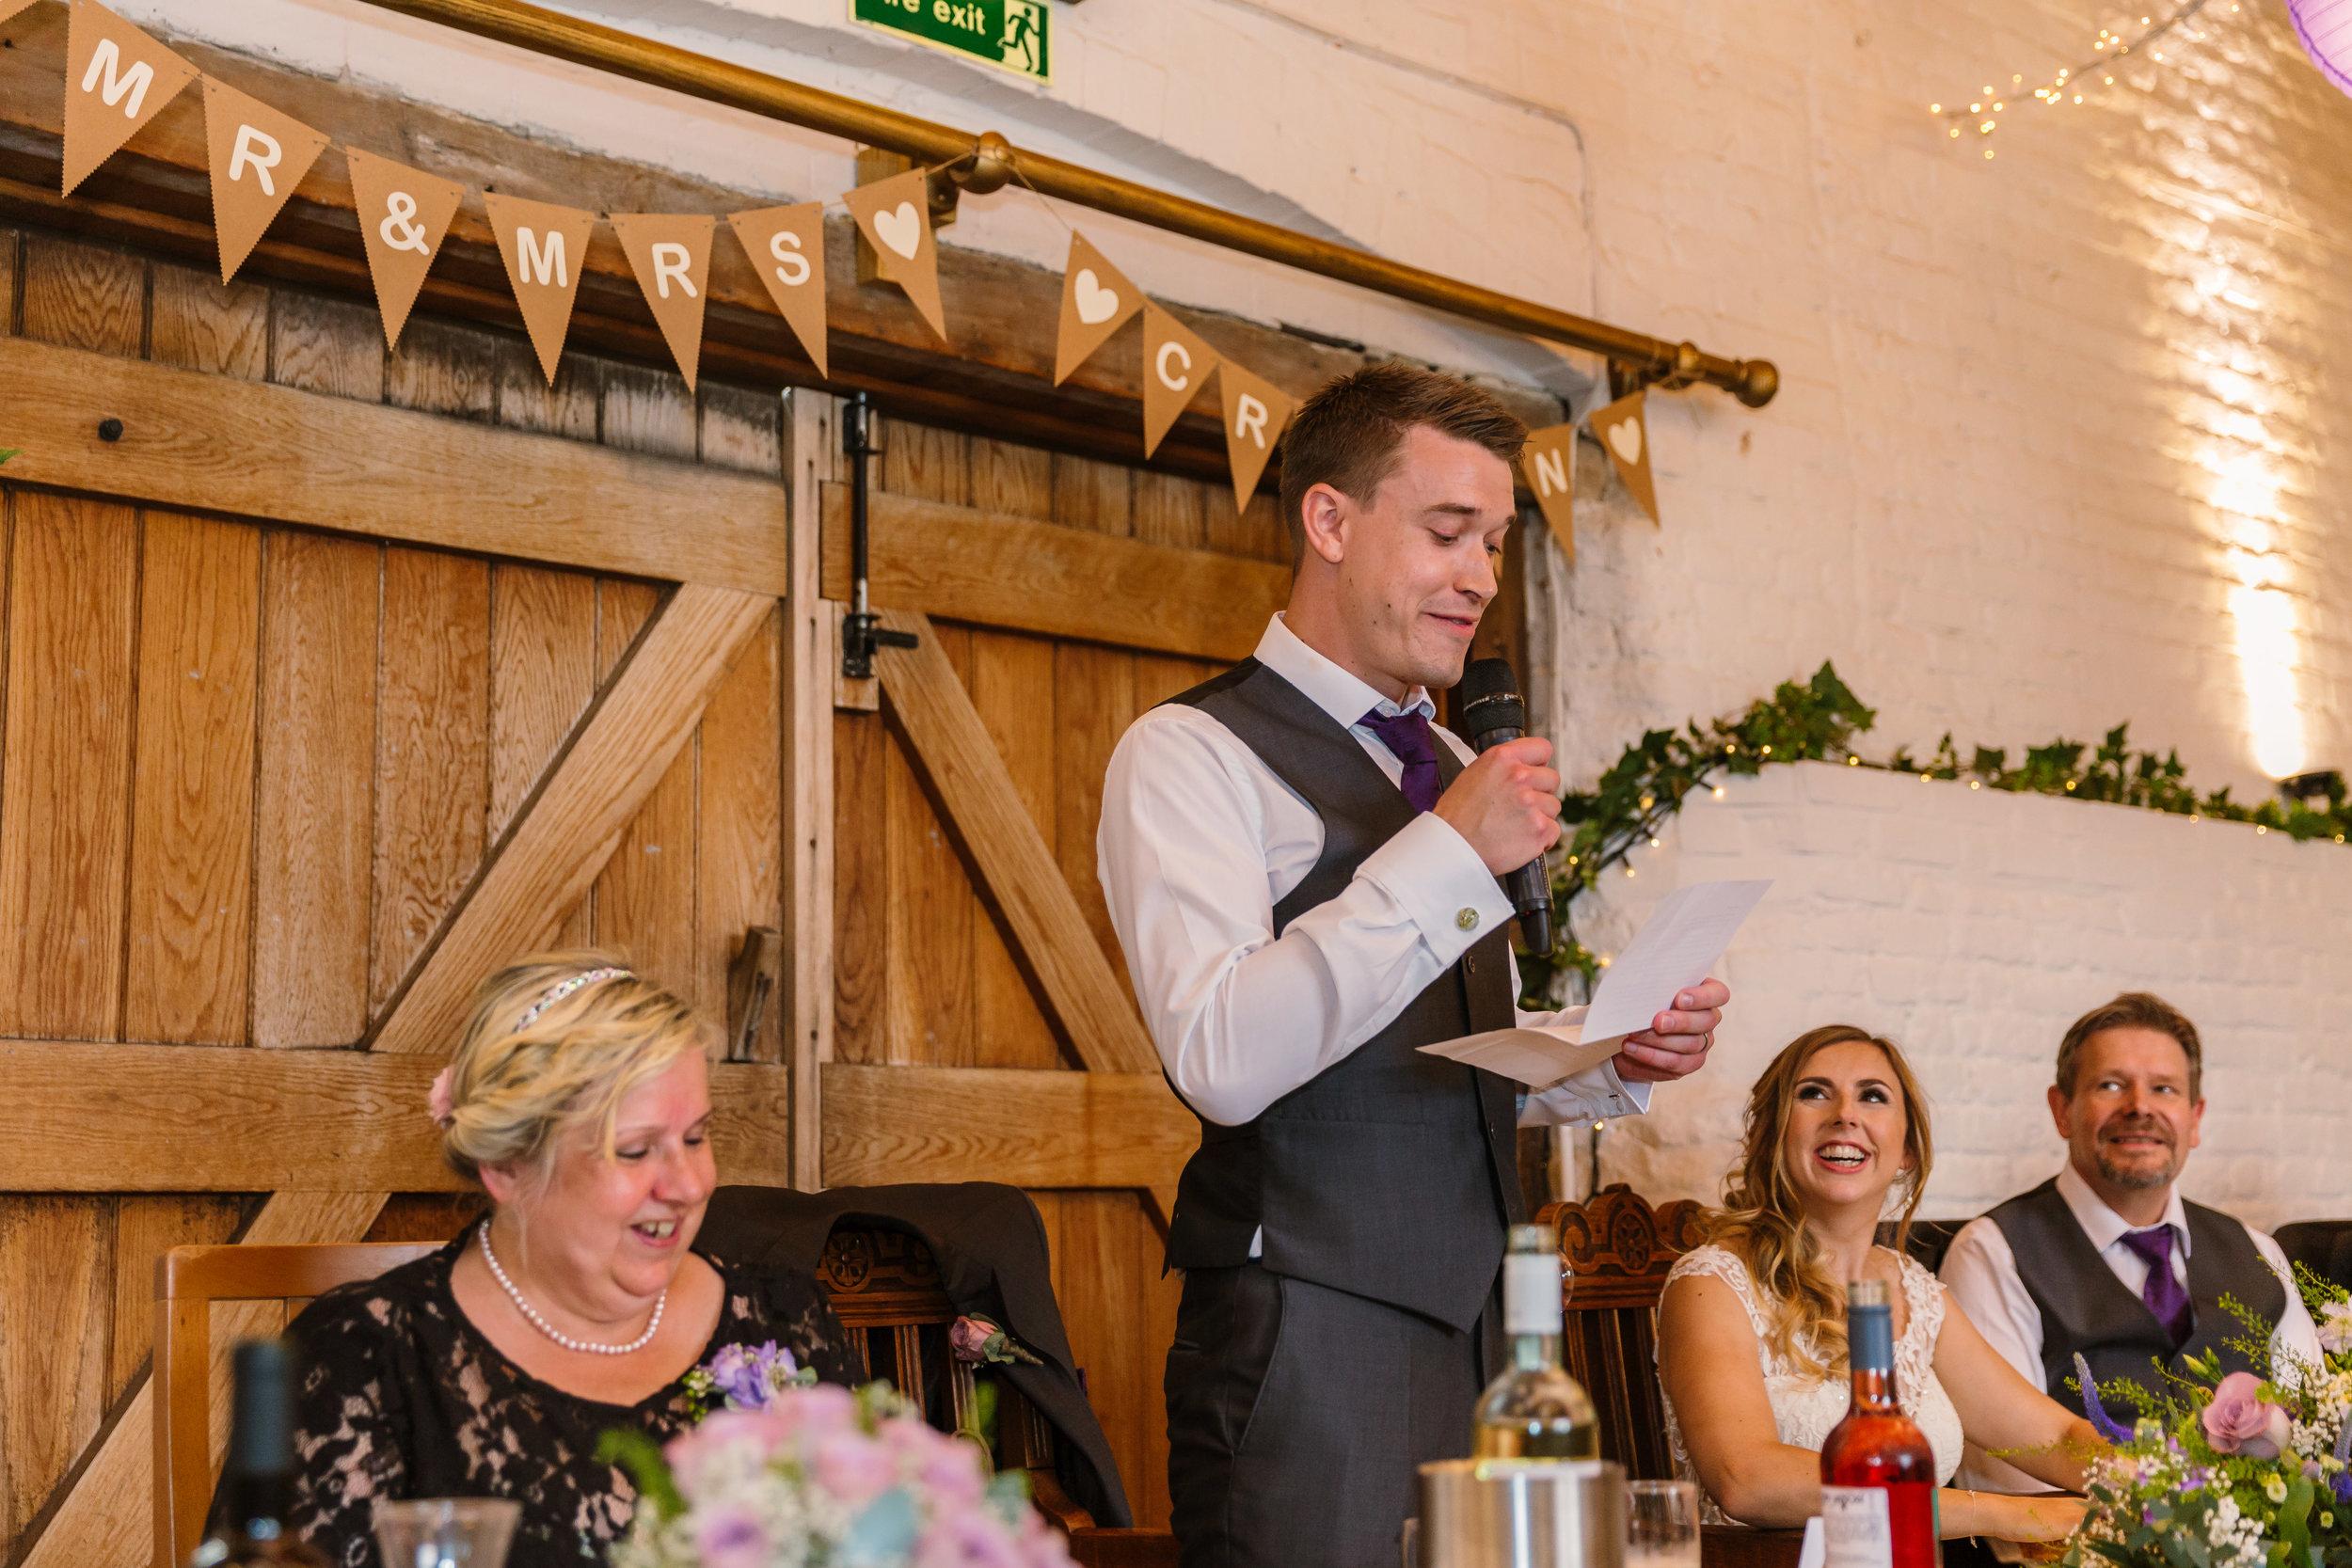 Hampshire Wedding Photographer Hampshire : Ufton-Court-Wedding : Barn-wedding-venue-hampshire : sarah-fishlock-photography : hampshire-barn-wedding-820.jpg